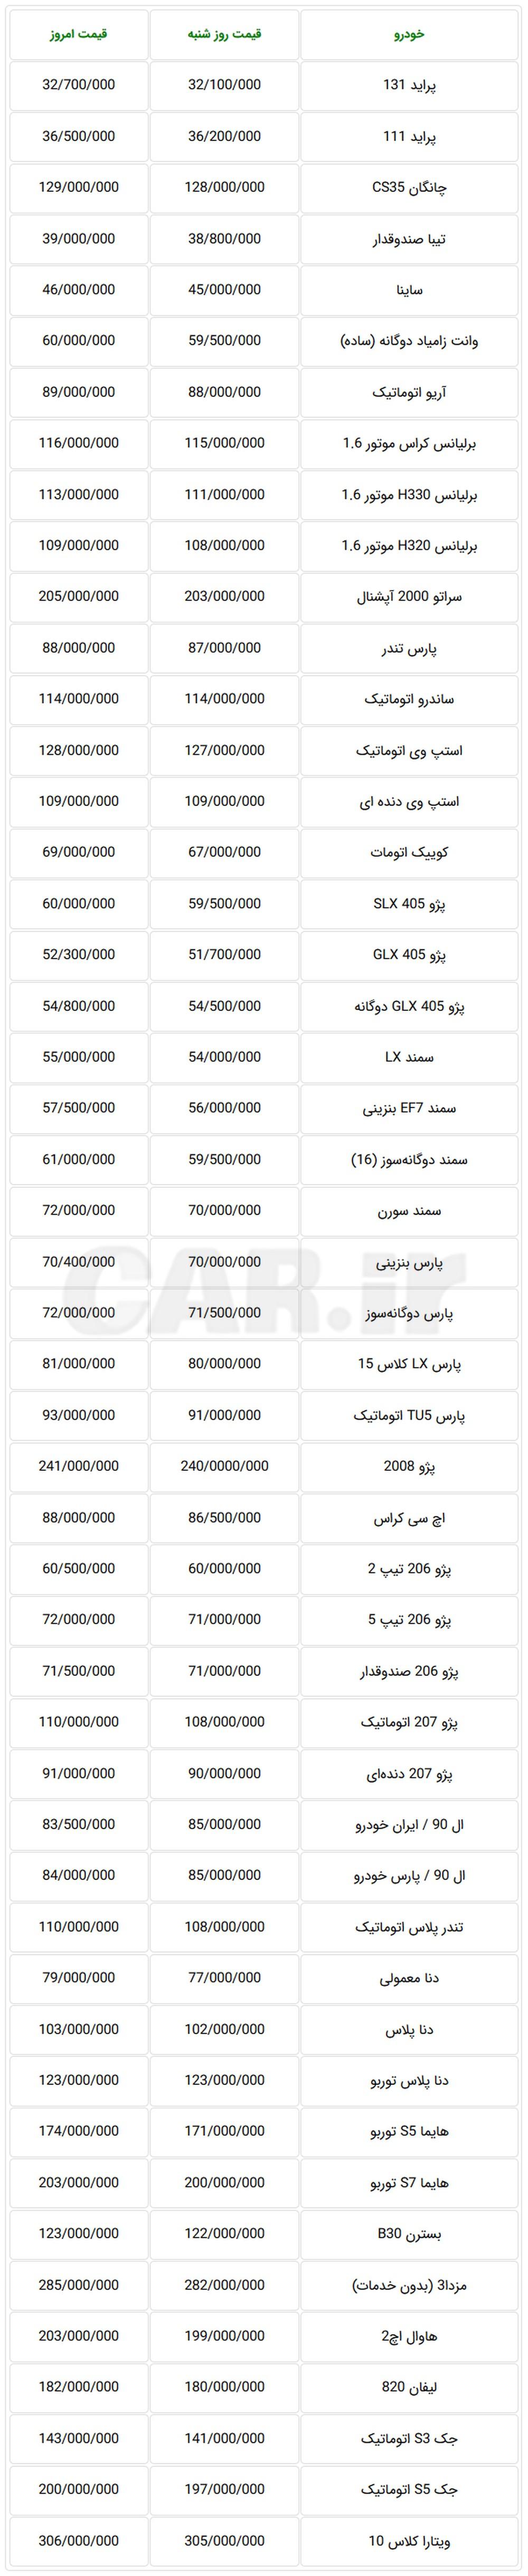 قیمت جدید خودرو در بازار تهران امروز سهشنبه 15 آبان ماه 97